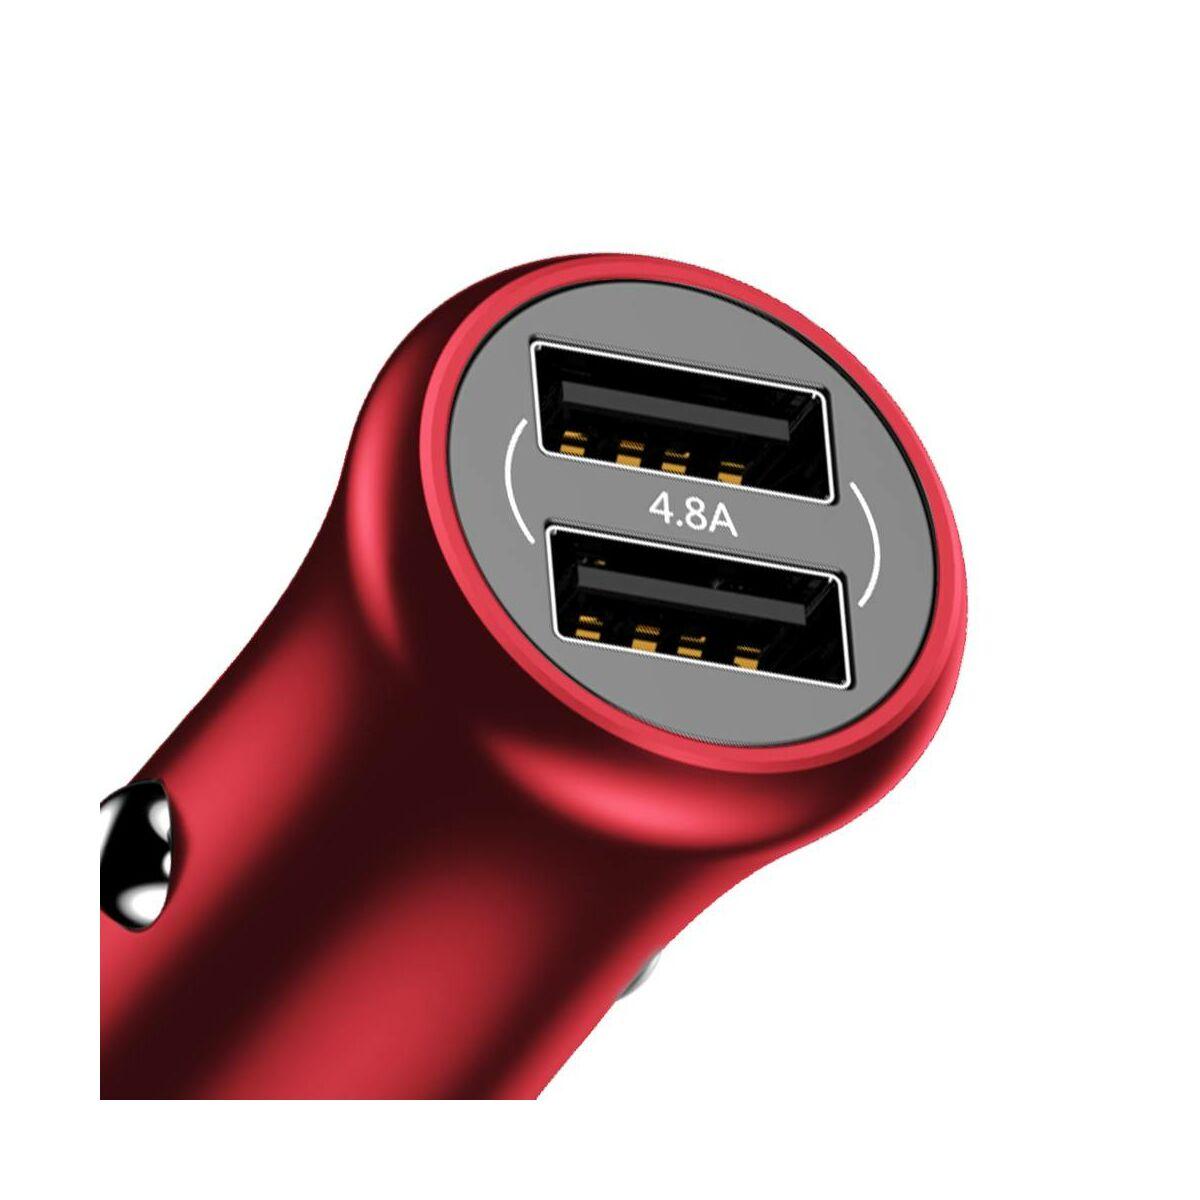 Baseus autós töltő, Gentleman Dupla-USB, 4.8A, piros (CCALL-GB09)